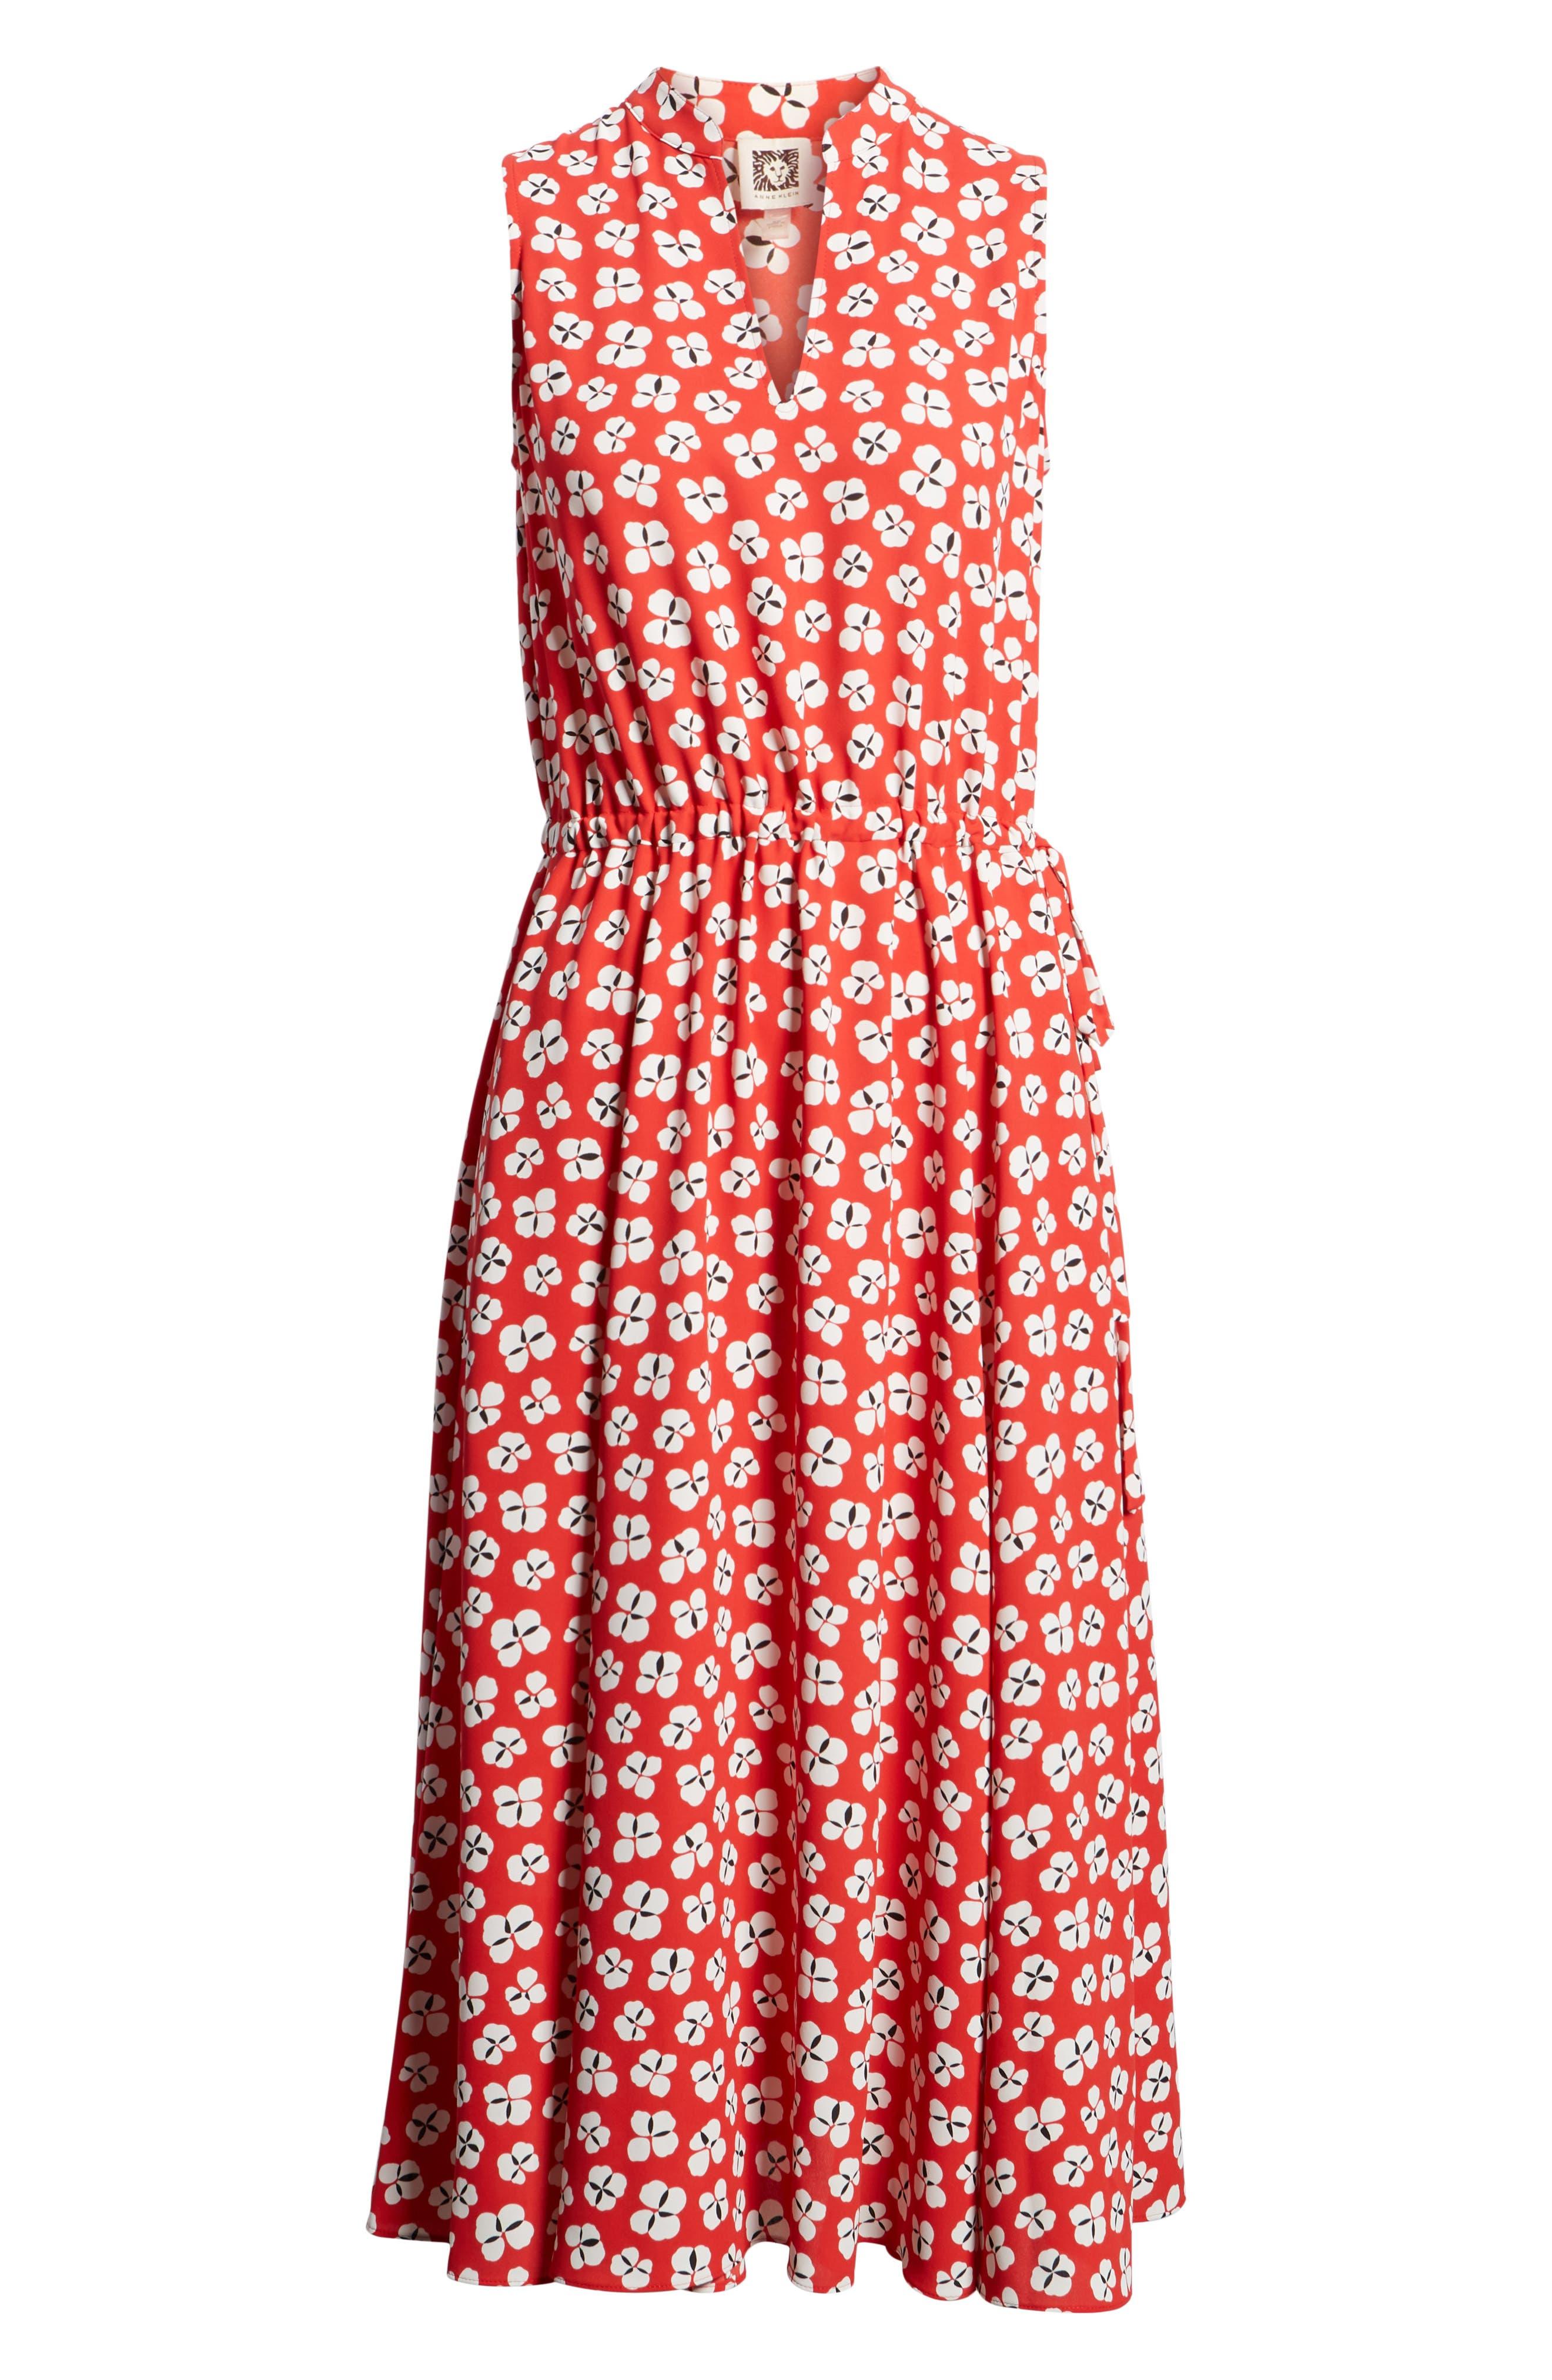 Zuma Petal Drawstring Midi Dress,                             Alternate thumbnail 7, color,                             Tomato/ Parchment Combo